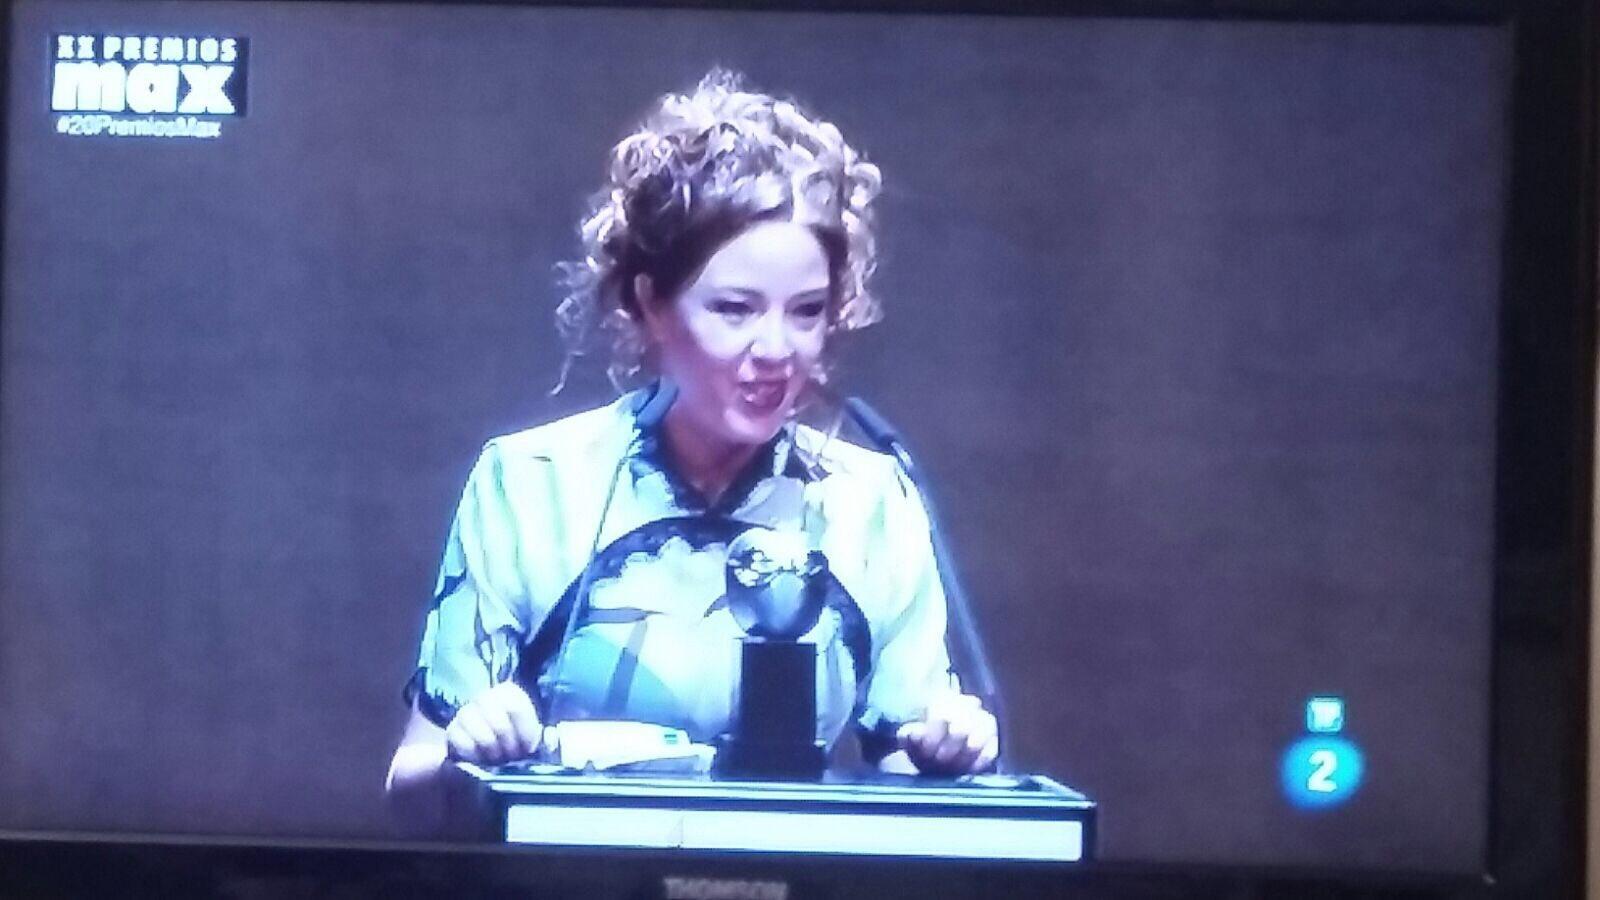 ❤️❤️❤️❤️ese pedazo de actriz @Noasantamaria enhorabuena merecidísino ese MAX !!! Love youuuuu https://t.co/I83DmREAzk